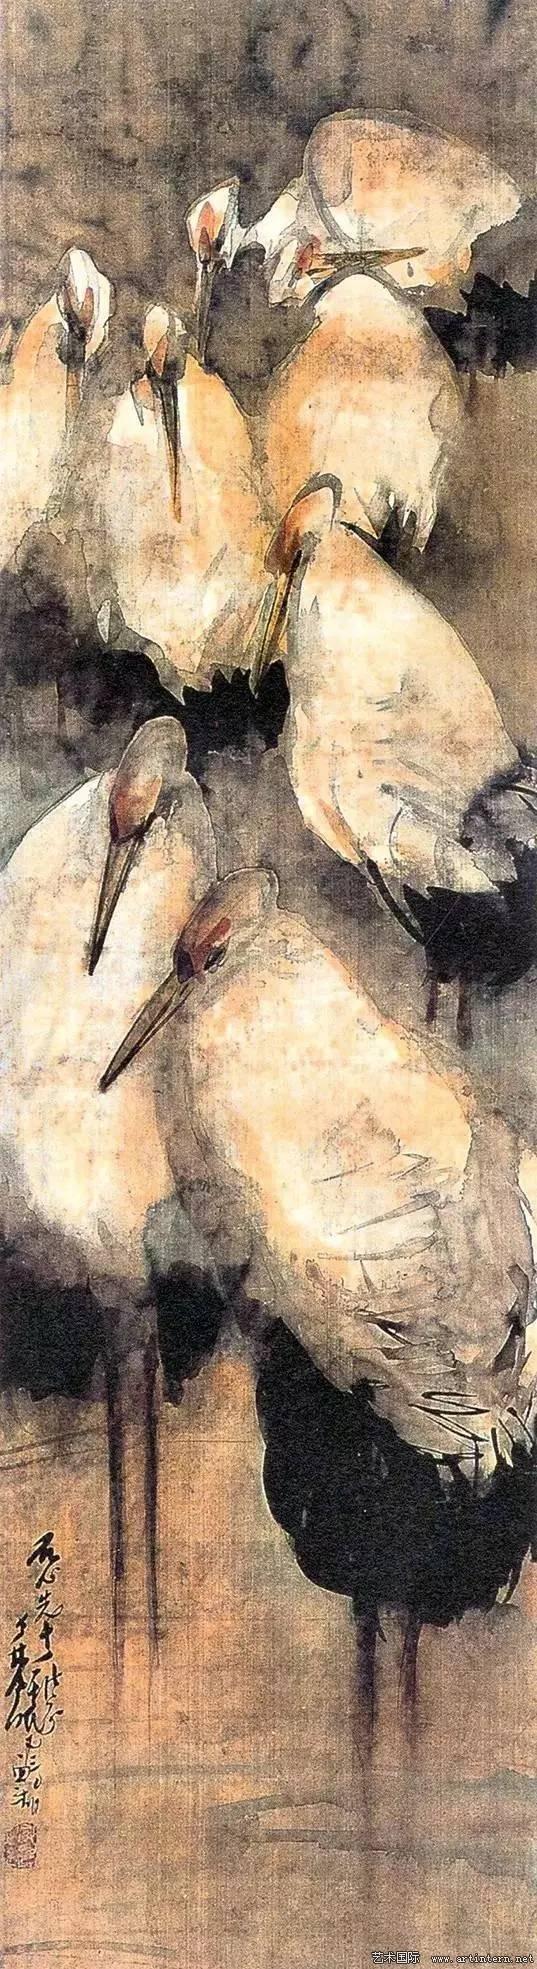 林风眠 《白鹭》150cm×39.5cm绢本水墨1930年